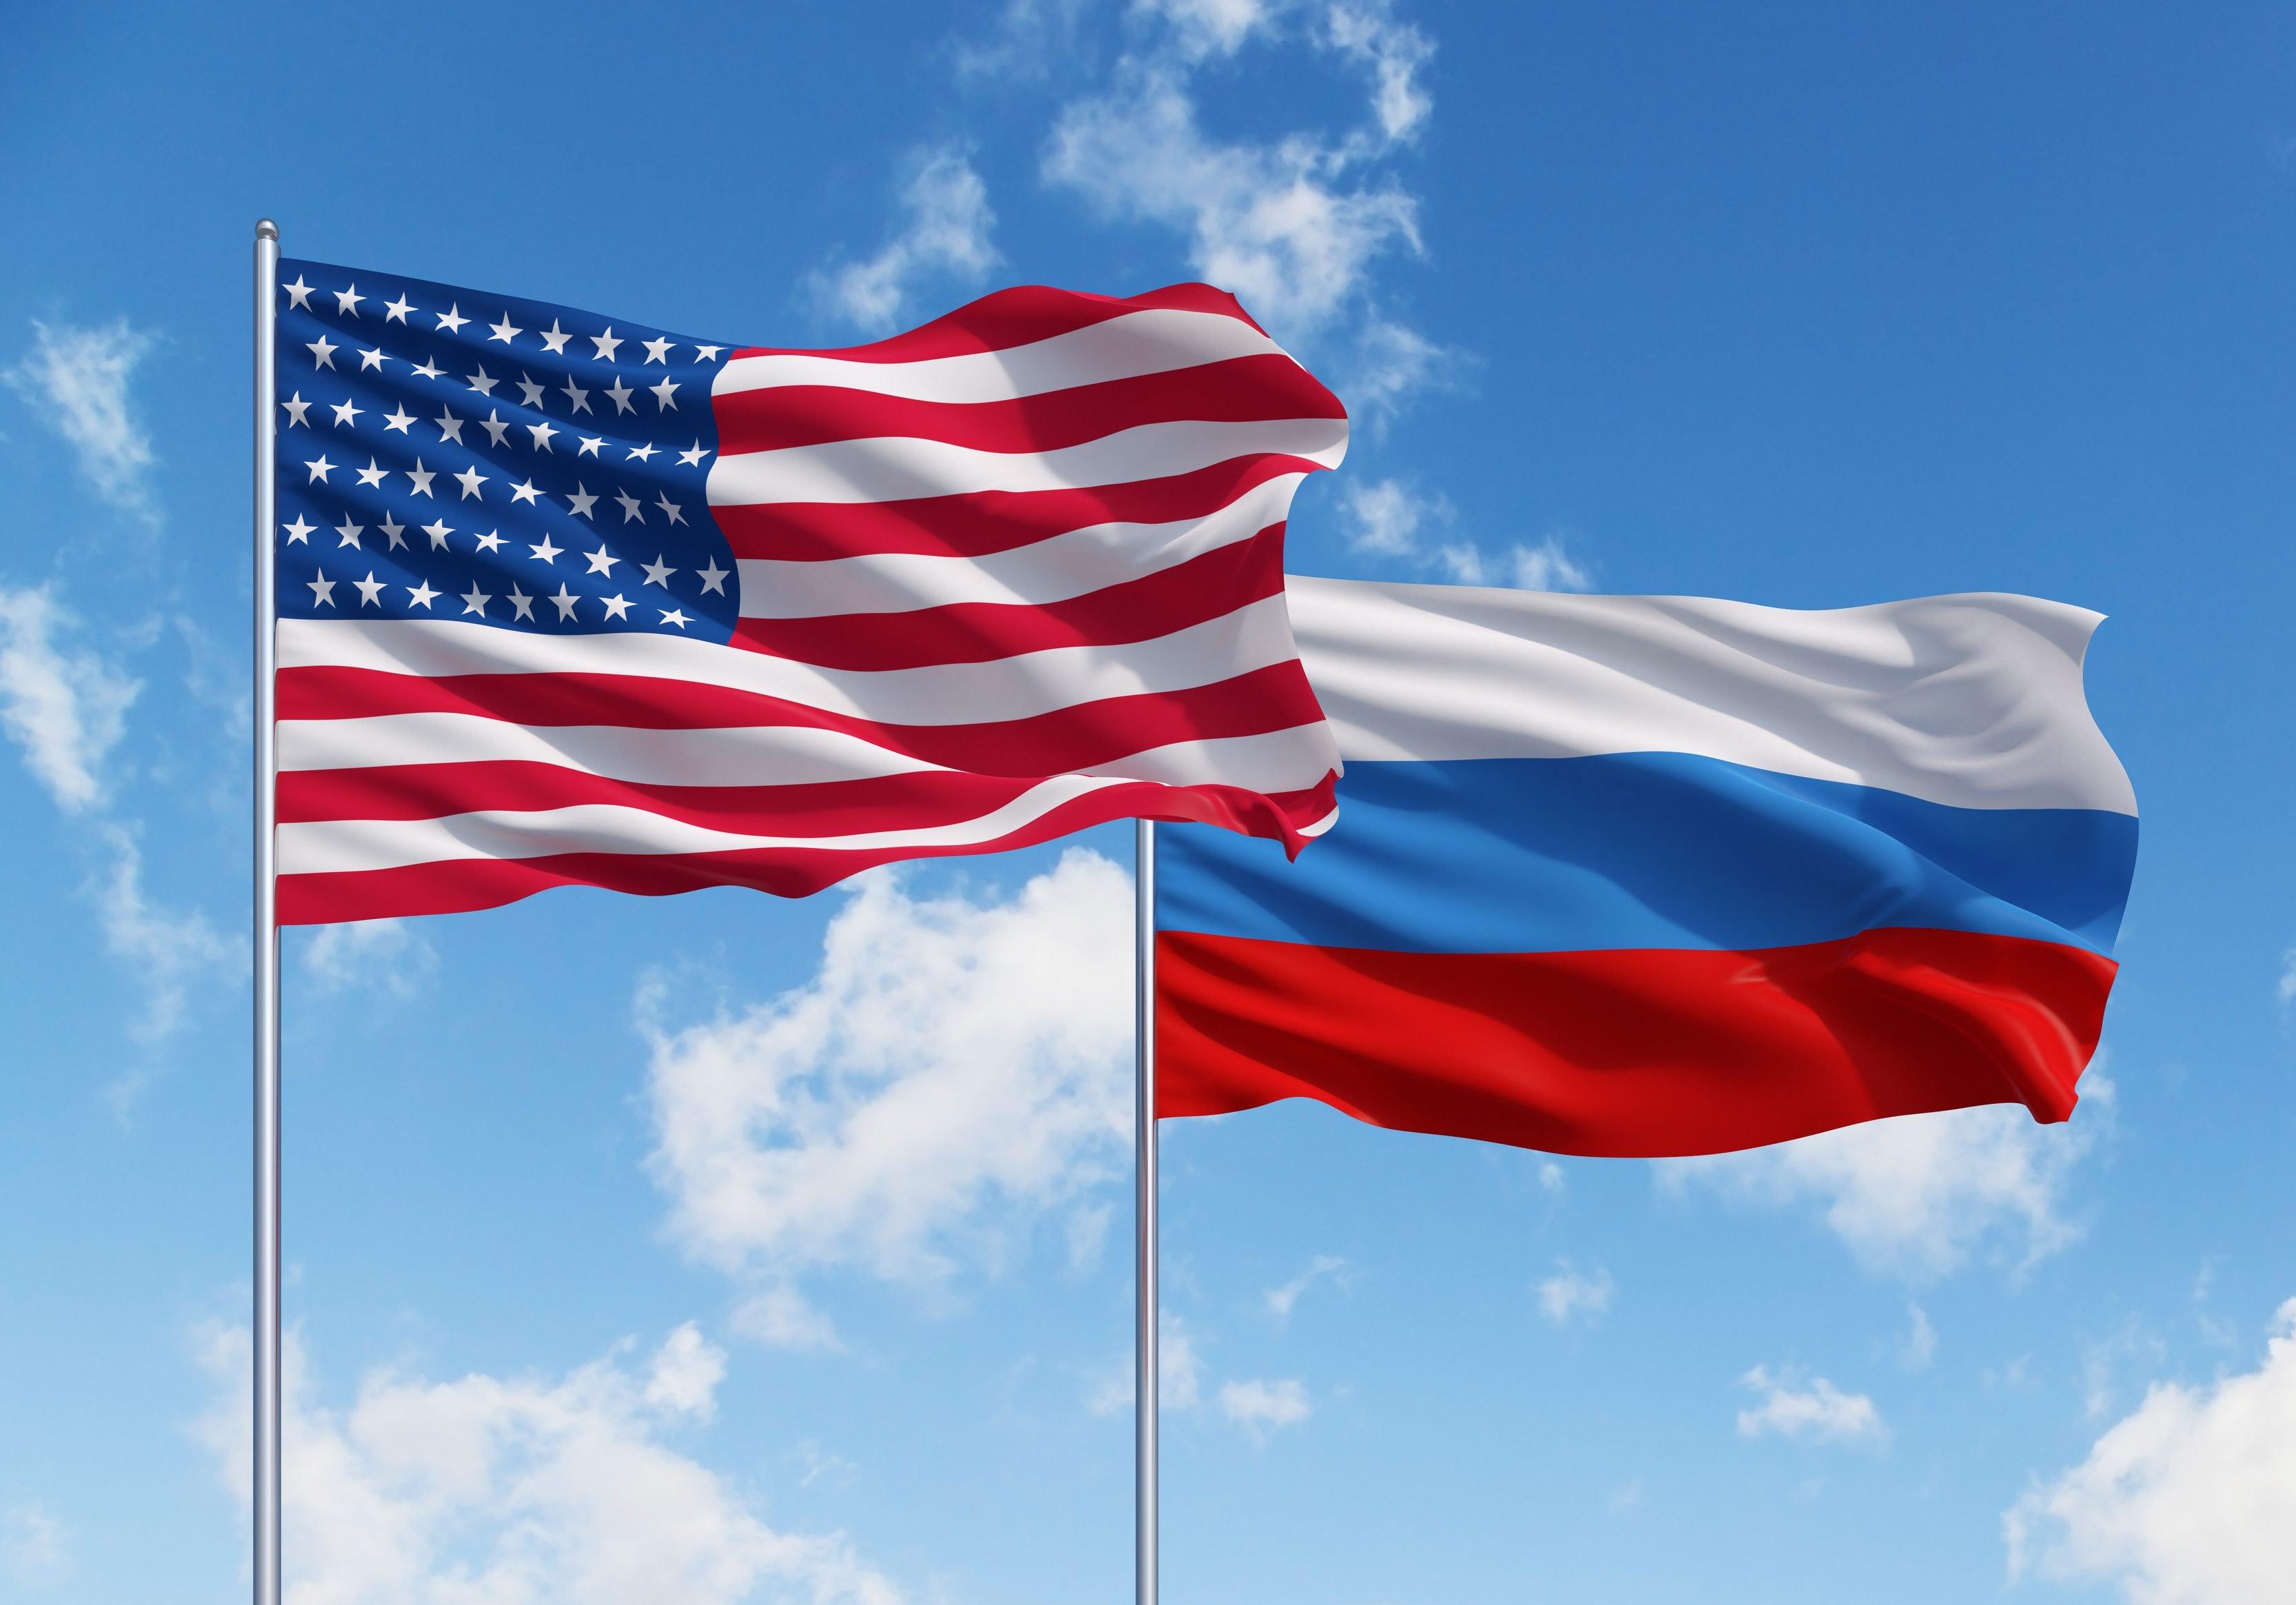 USA verhängen Sanktionen gegen Russland und weisen zehn Diplomaten aus – Moskau plant Gegenmaßnahmen